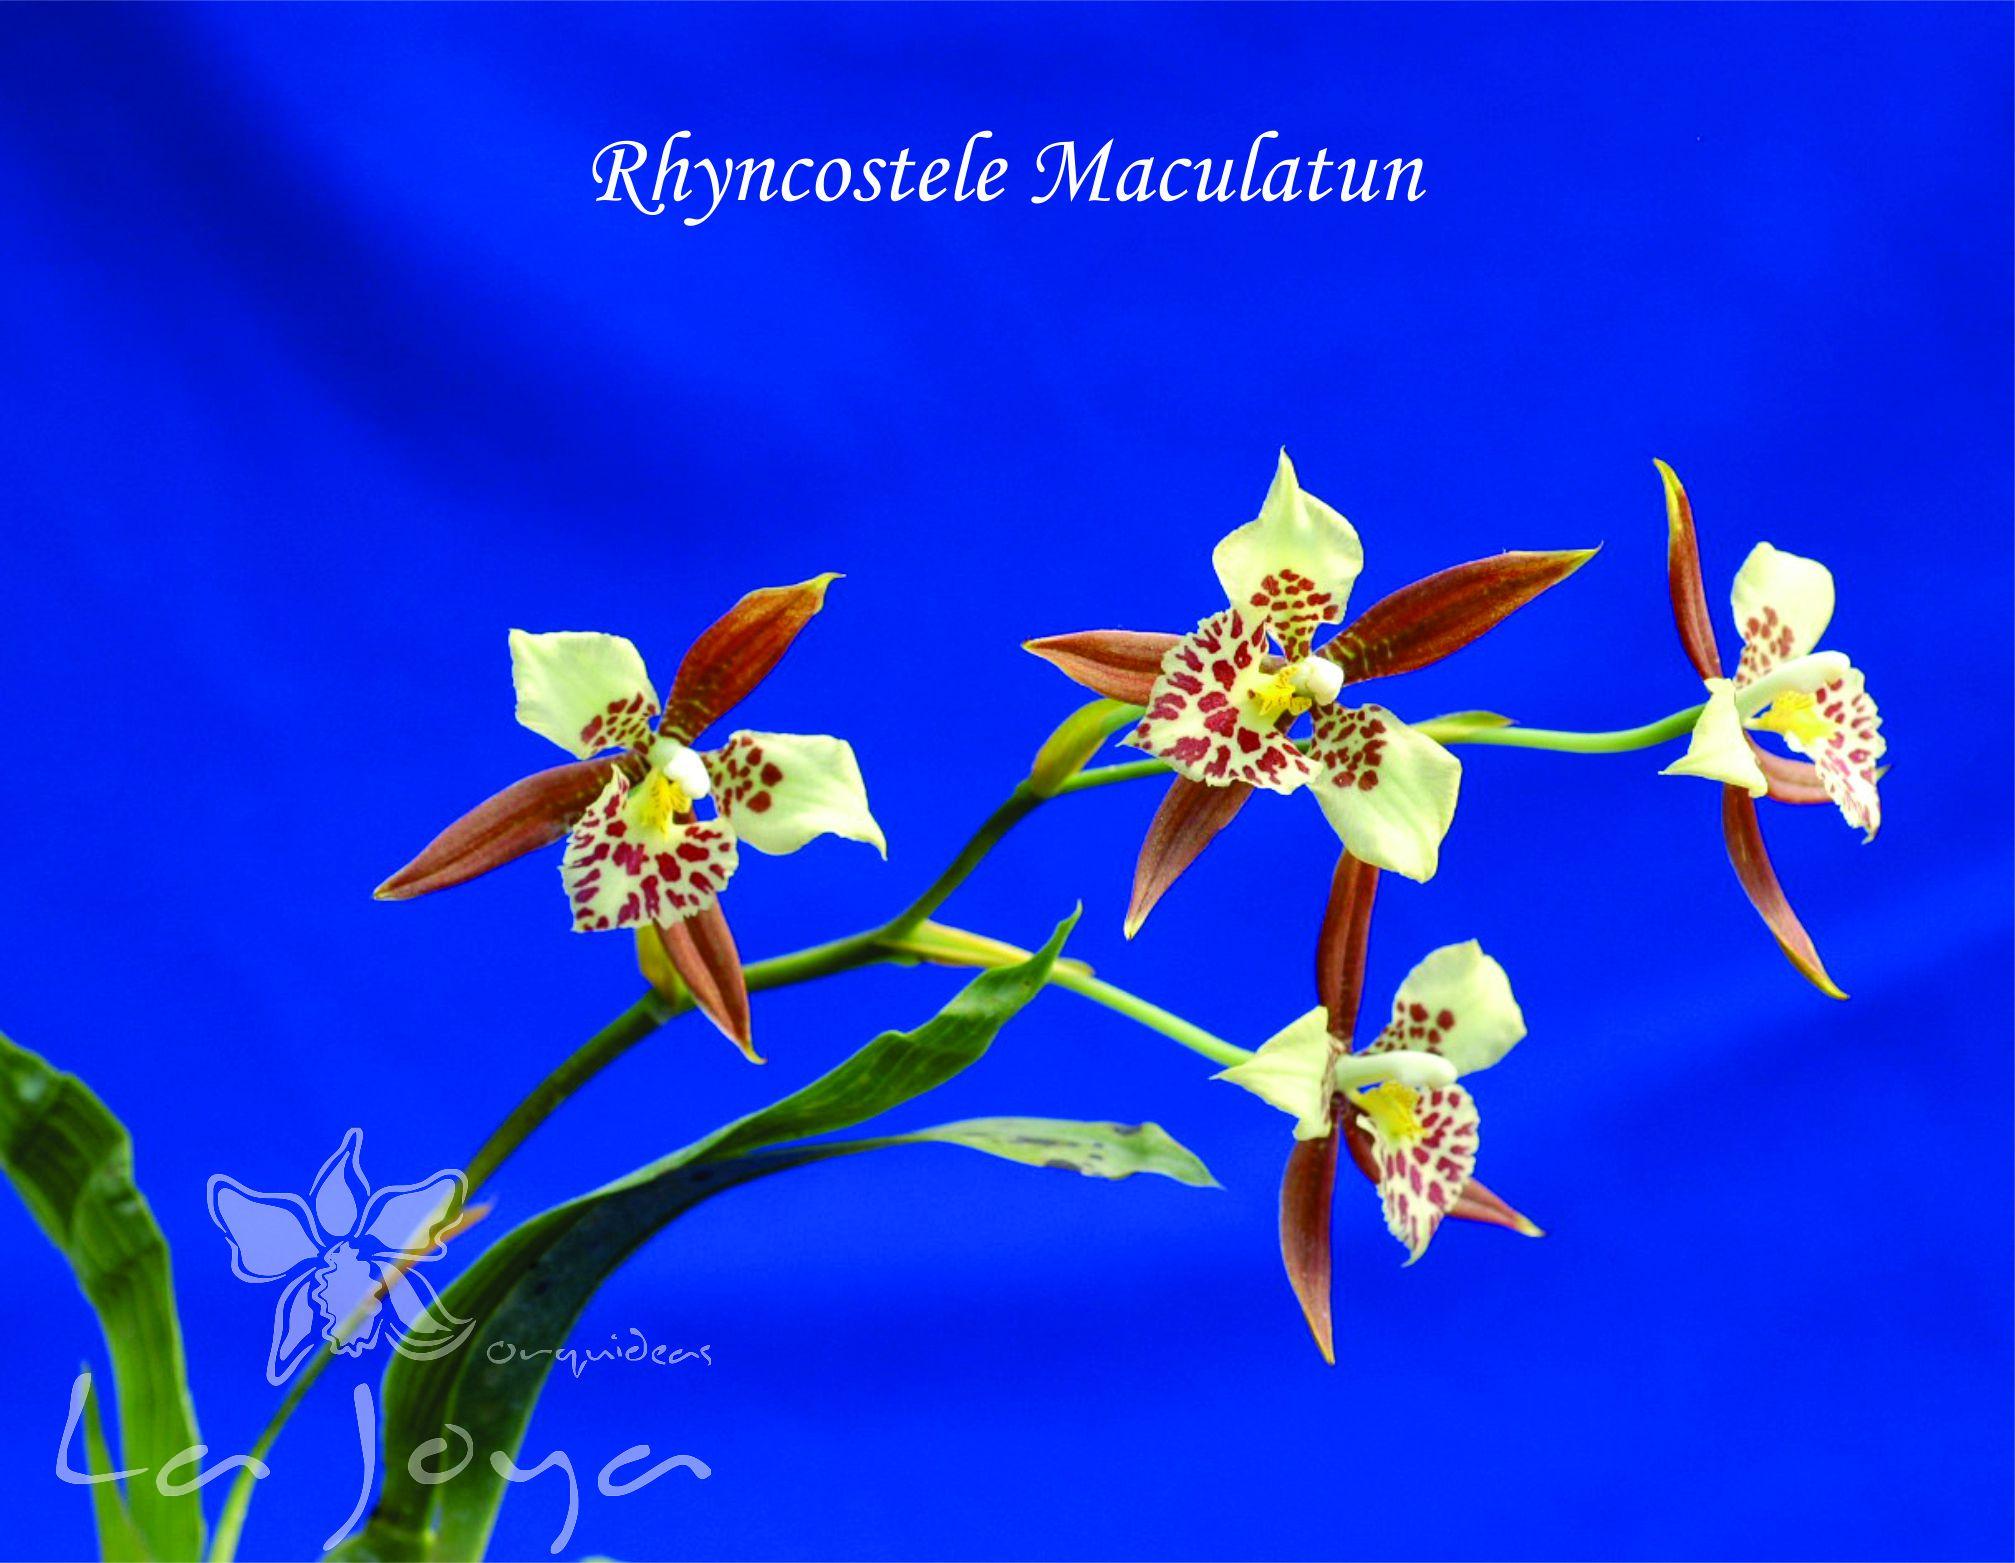 Rhyncostele Maculatum